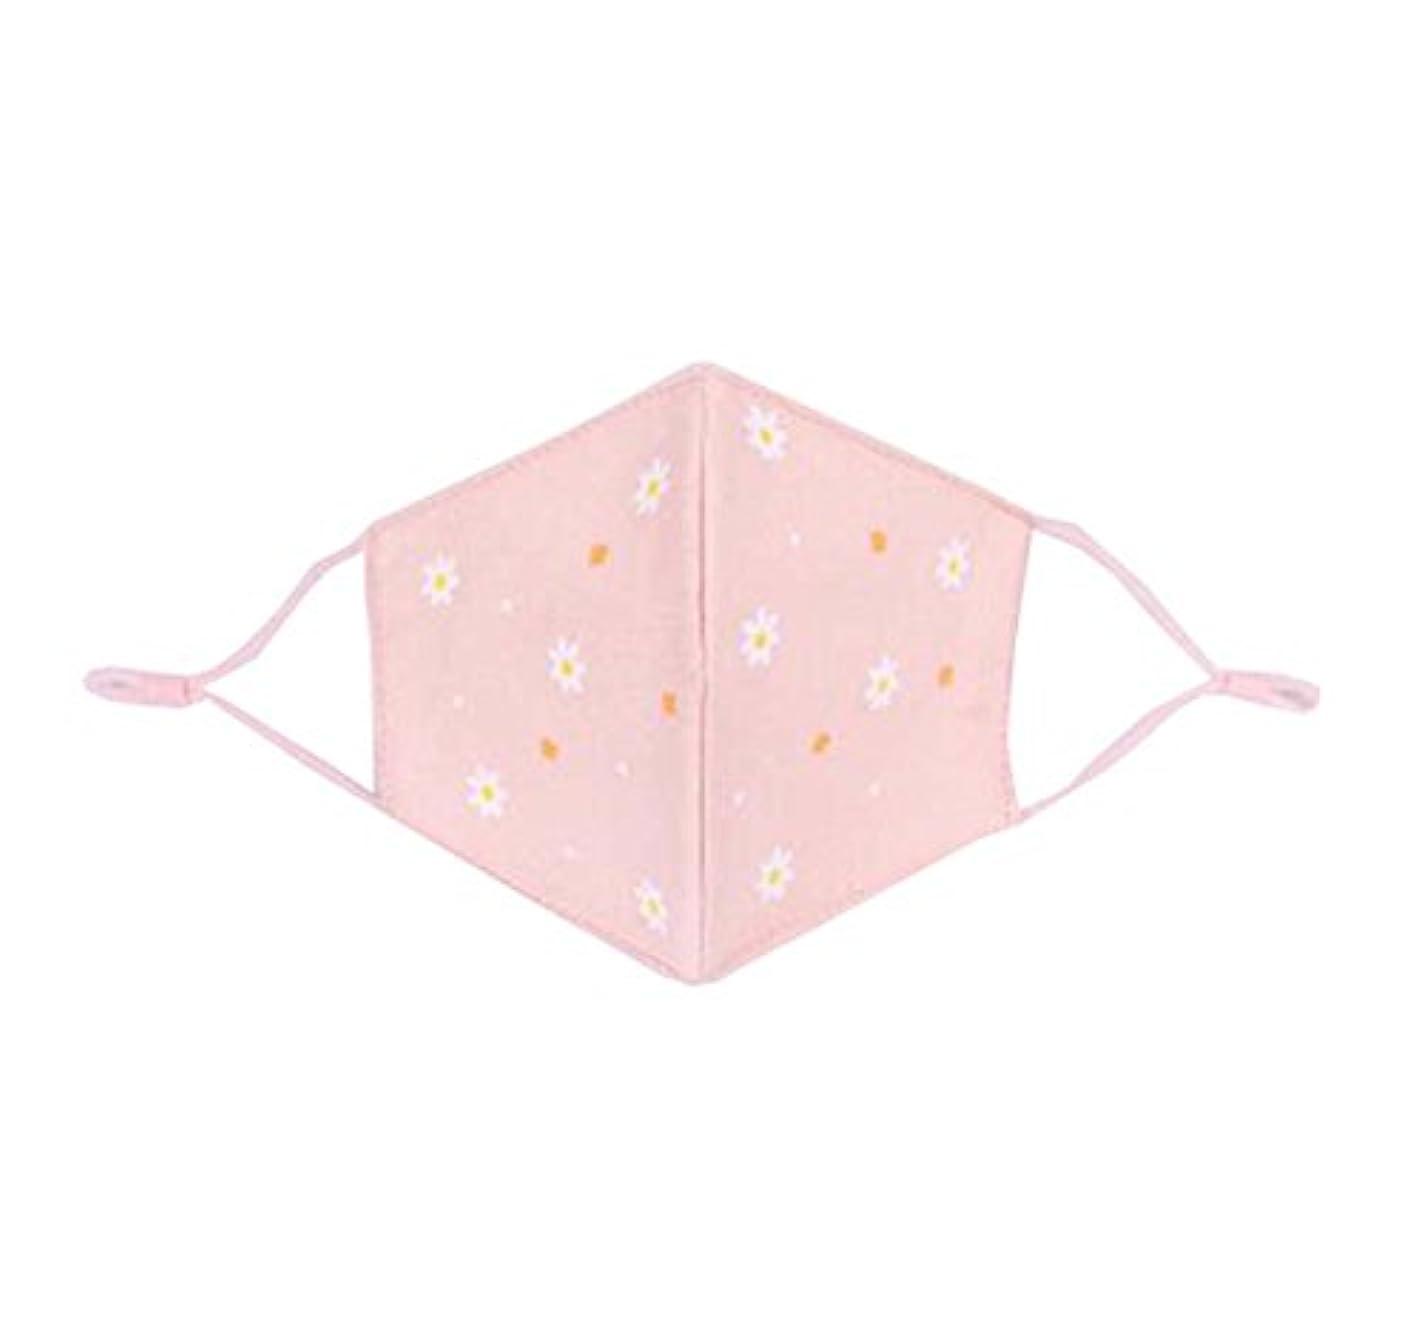 チャイルドフェイスマスクアクティブカーボンコットンマスクダストアレルギーインフルエンザマスク - ピンク